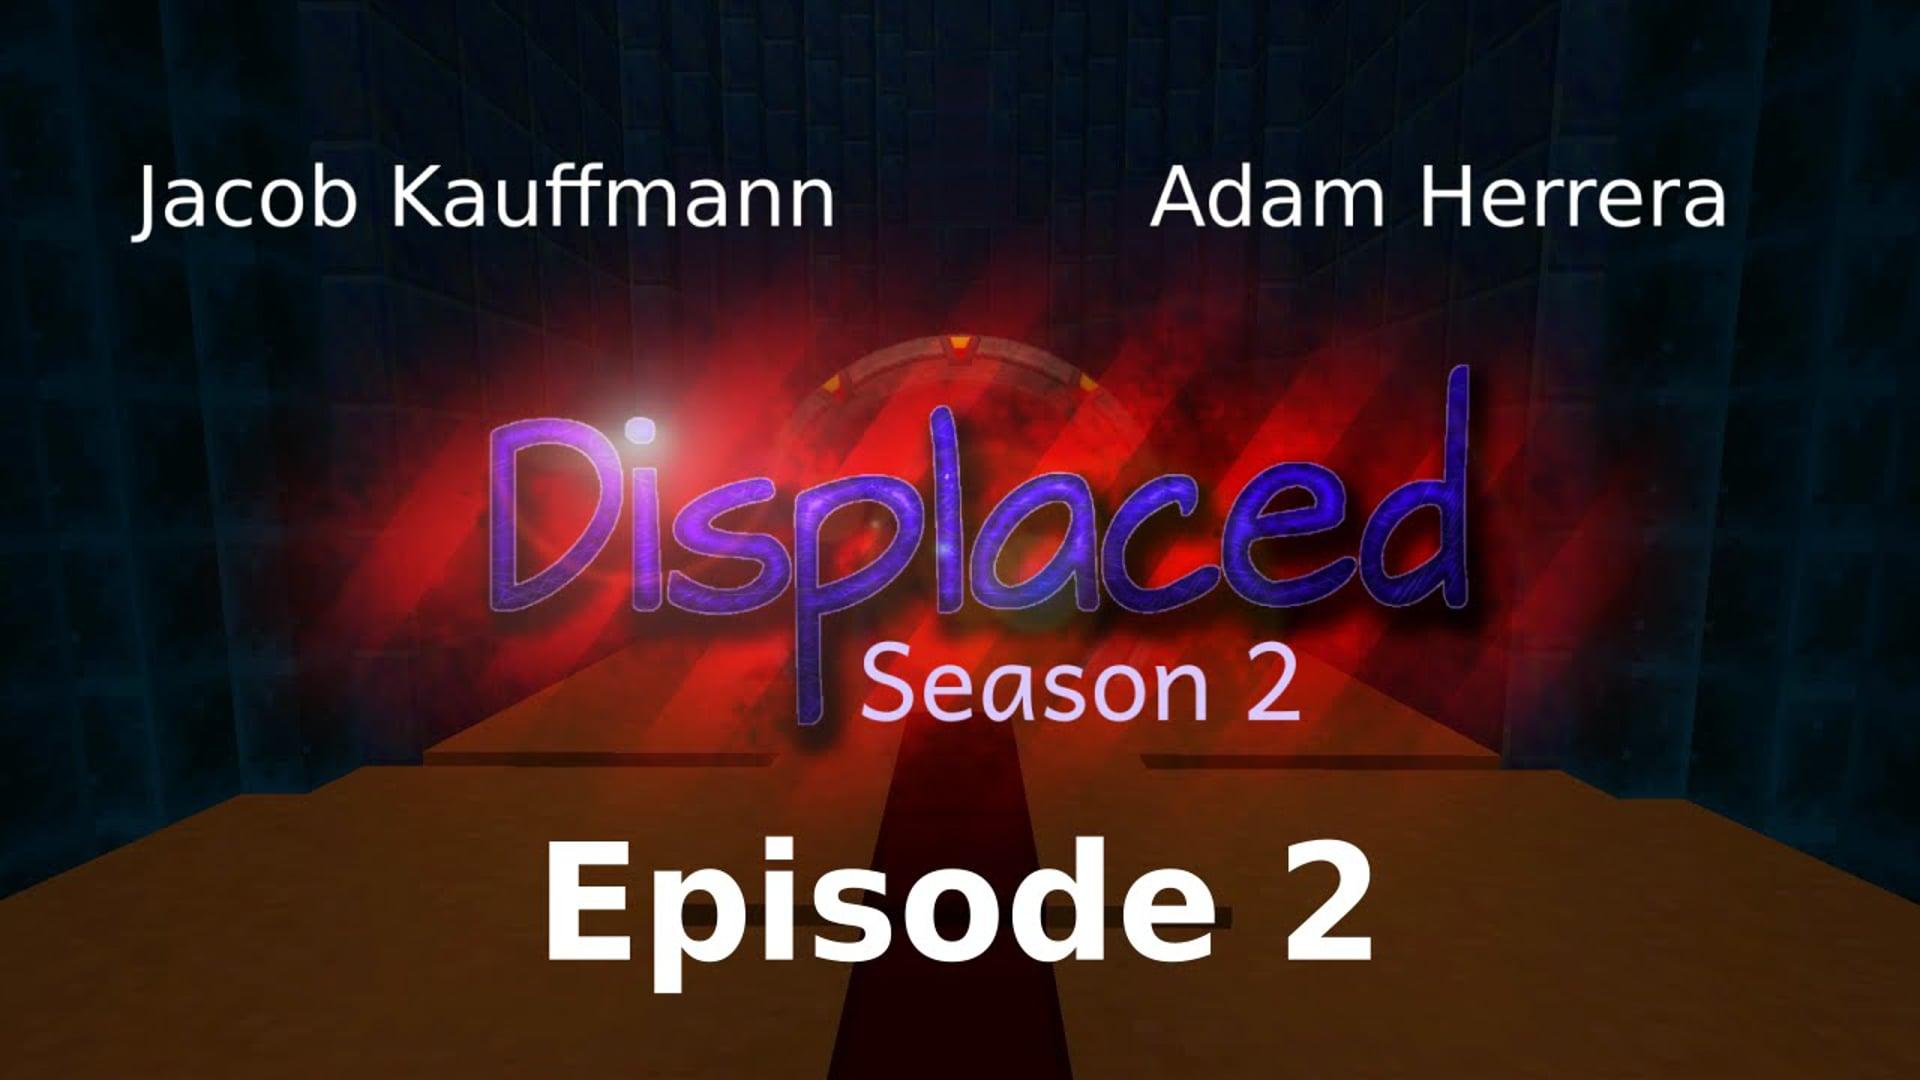 Episode 2 - Displaced: Season 2